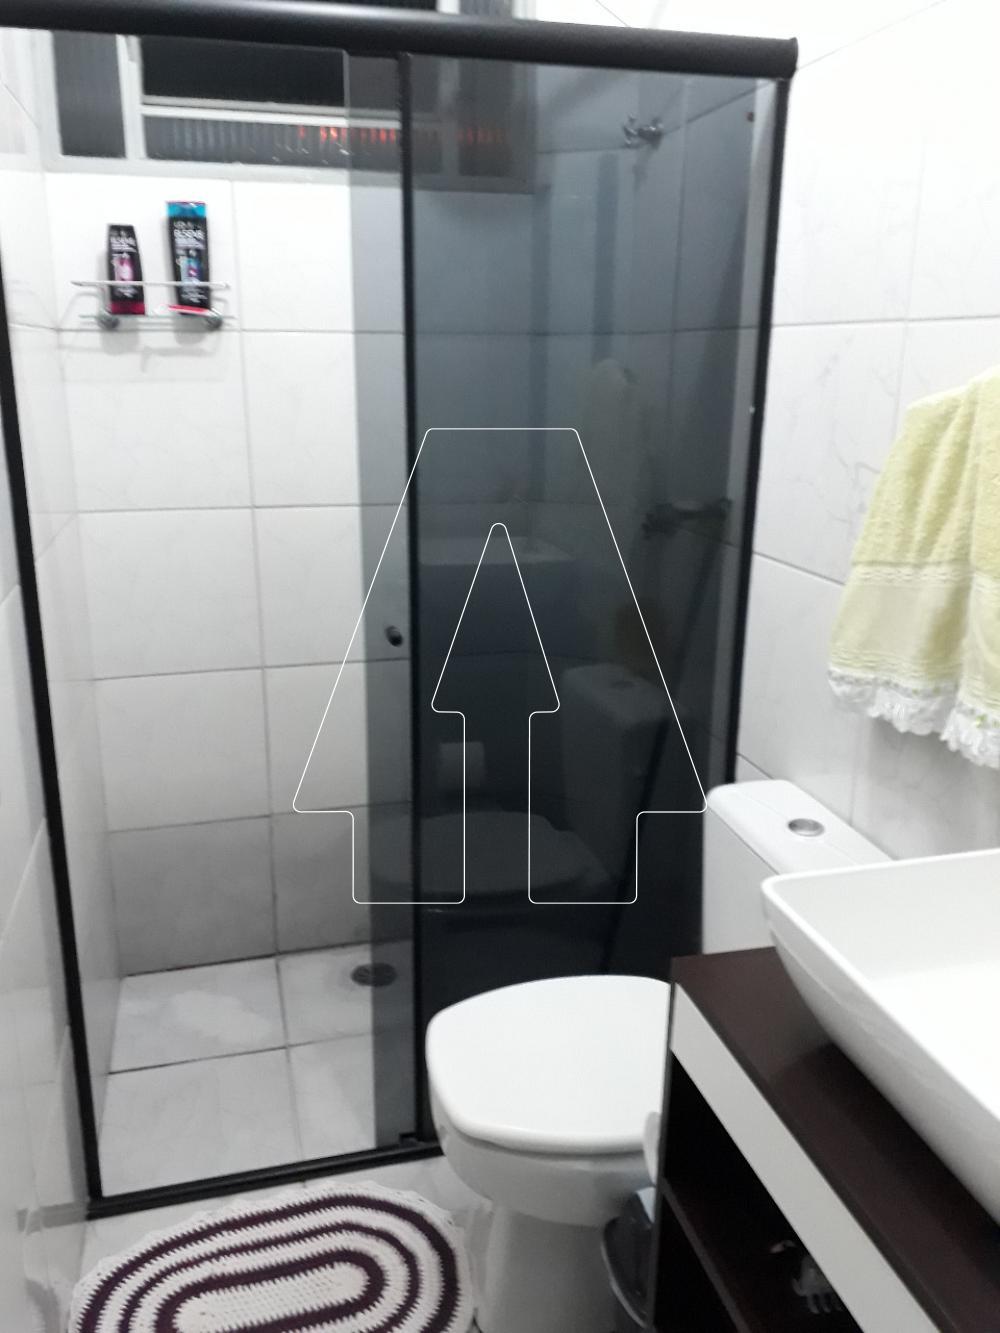 Comprar Apartamento / Padrão em Araçatuba R$ 110.000,00 - Foto 6